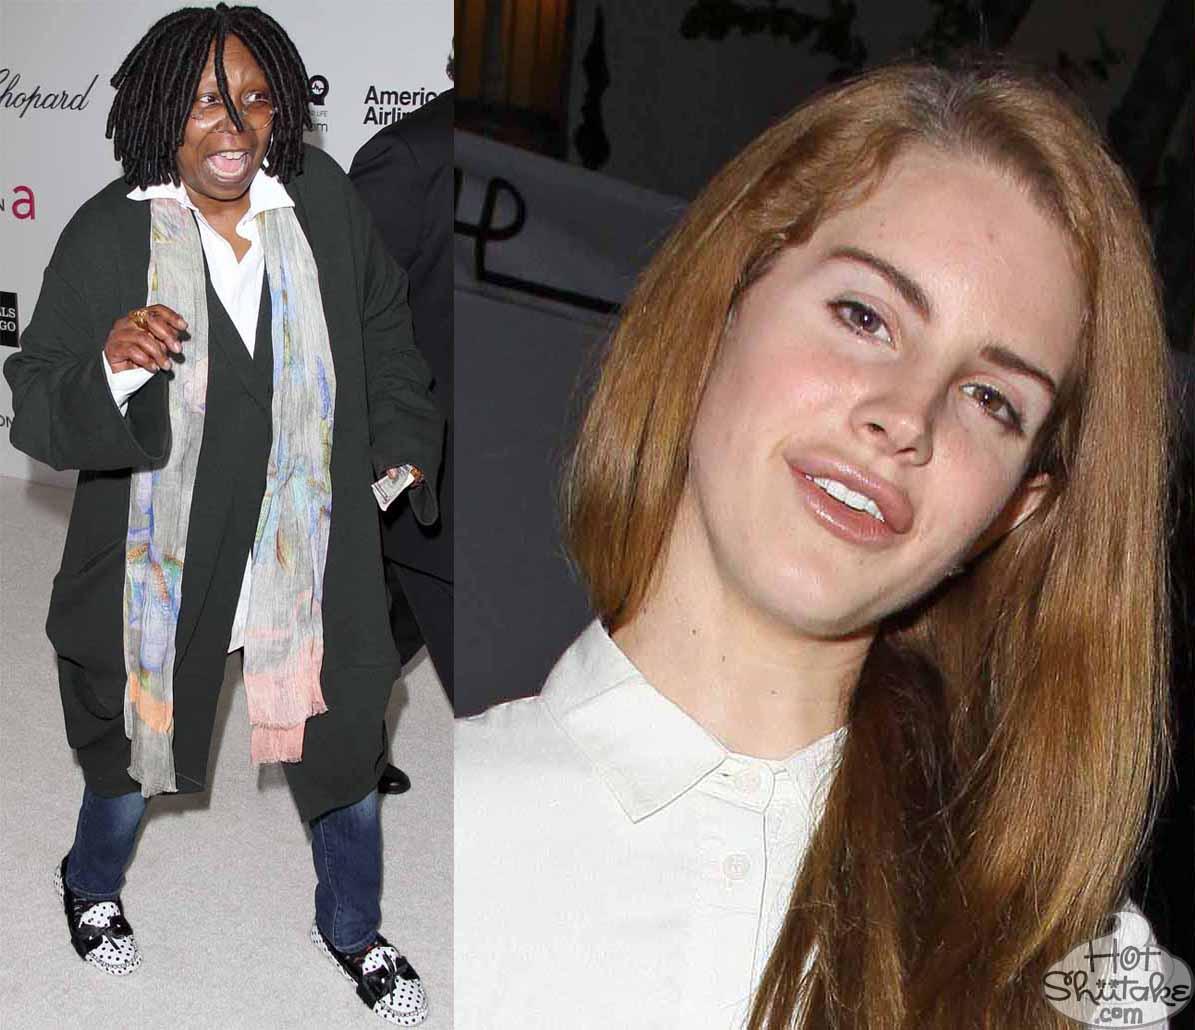 Lana Del Rey Ugly